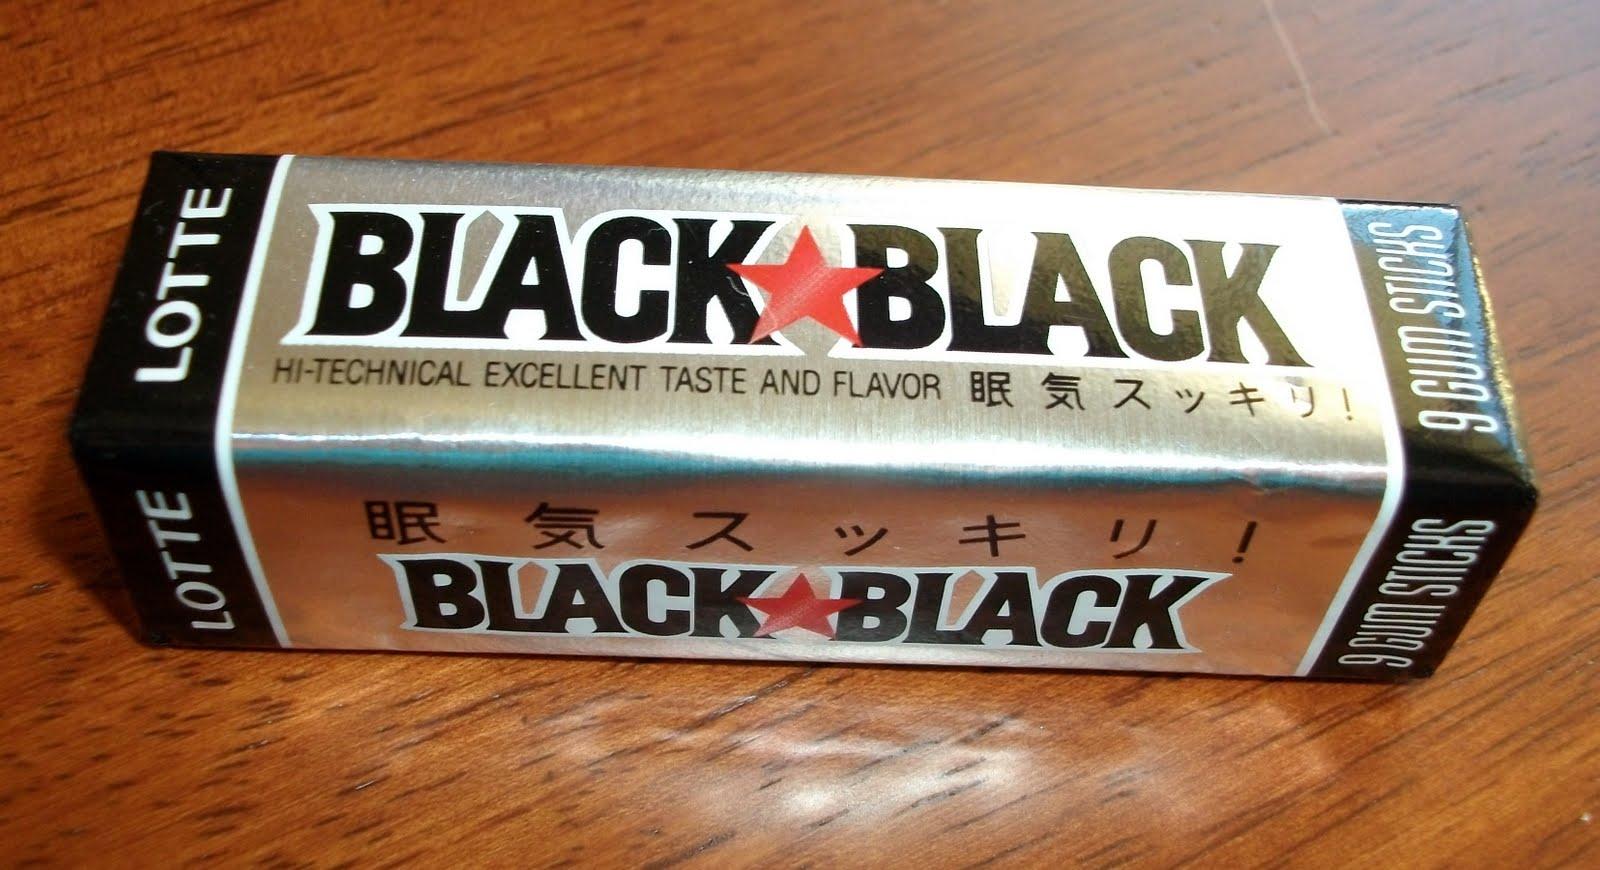 Black chewing gum